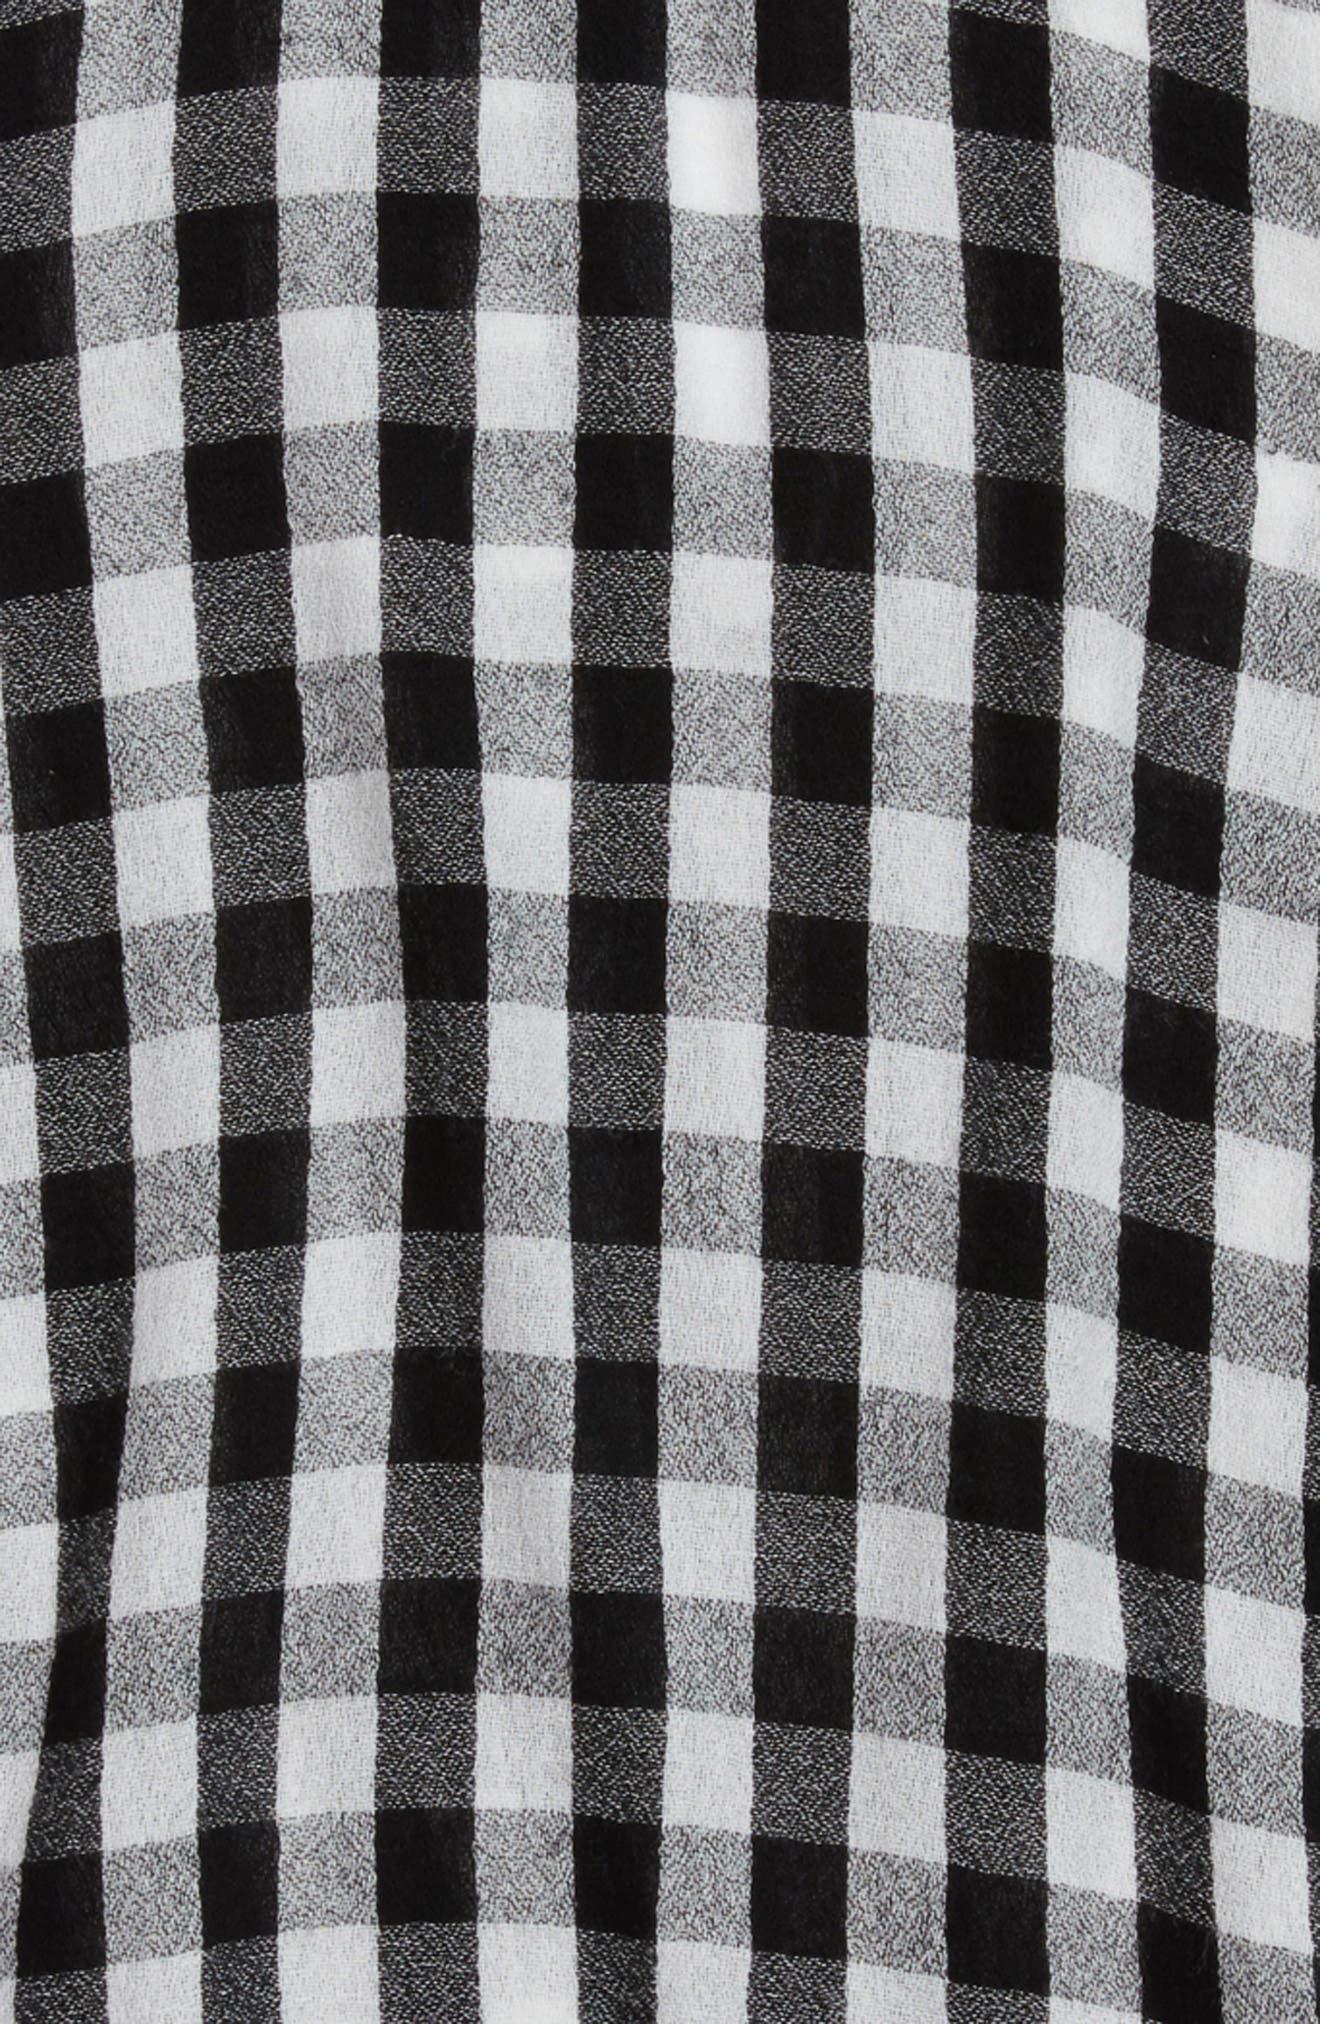 Bell Sleeve Top,                             Alternate thumbnail 2, color,                             Black- White Gingham